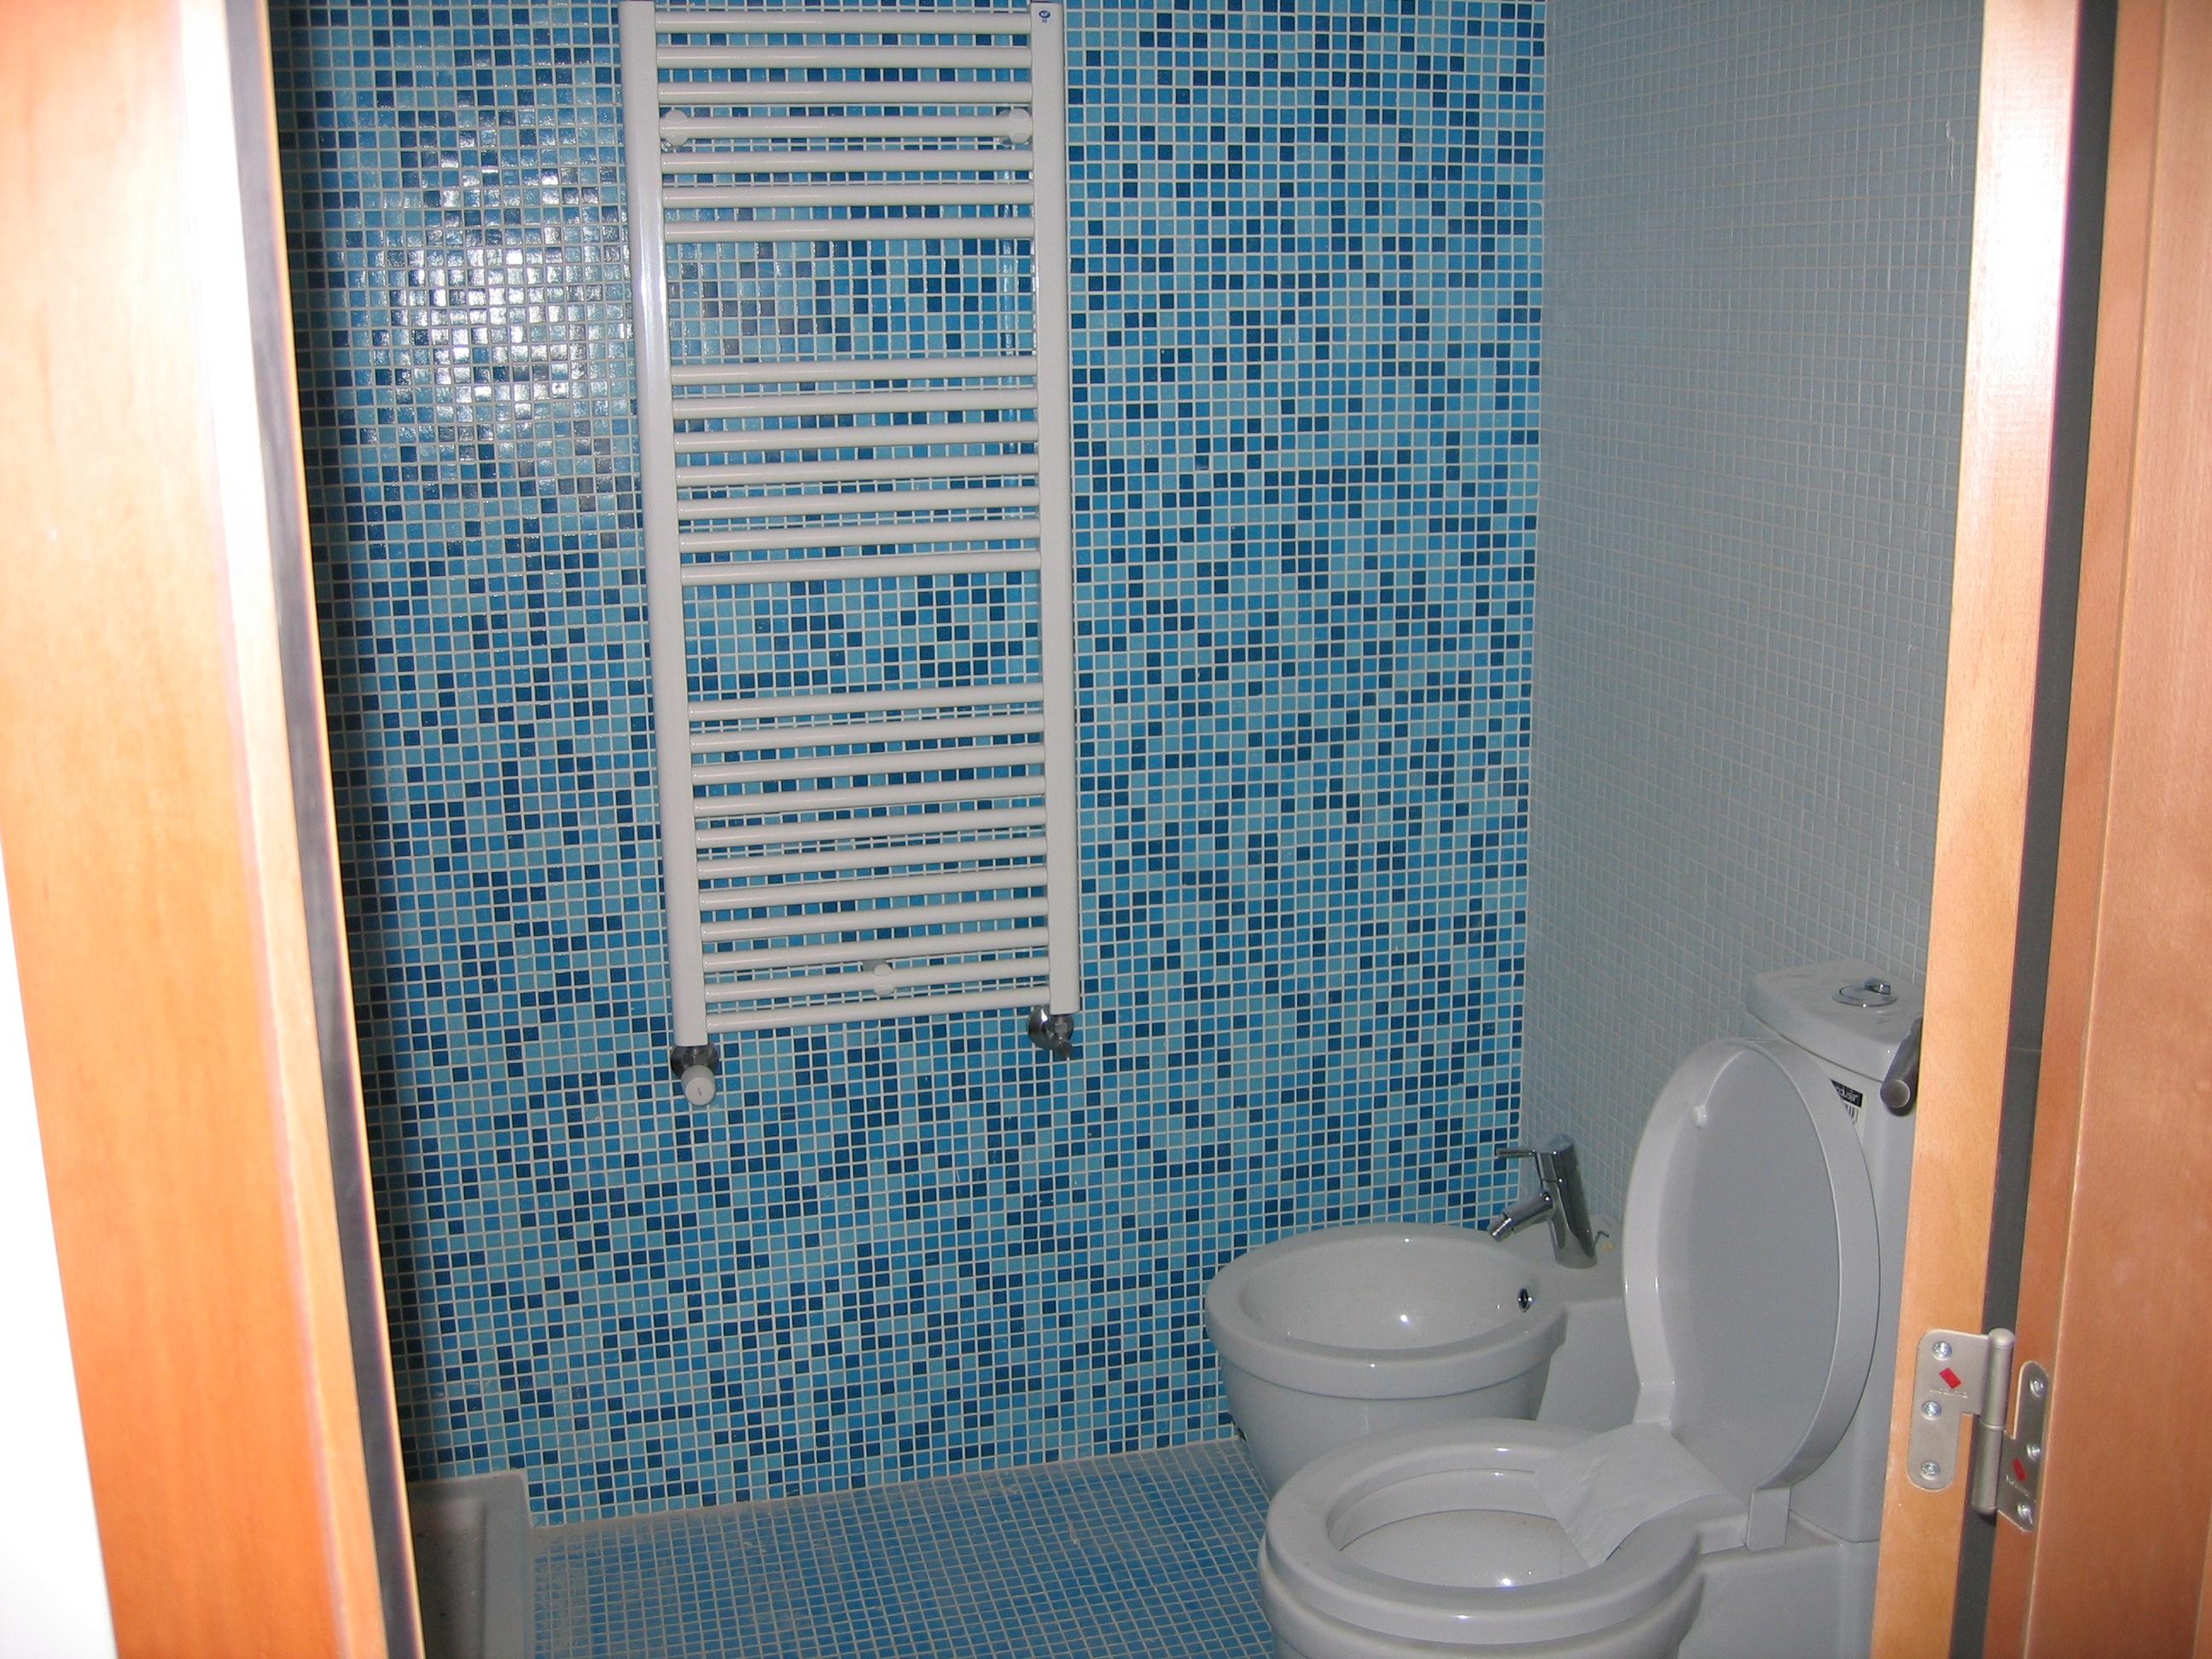 decoracao de interiores casas de banho:Decoração de Interiores  #BB6010 2592 1944